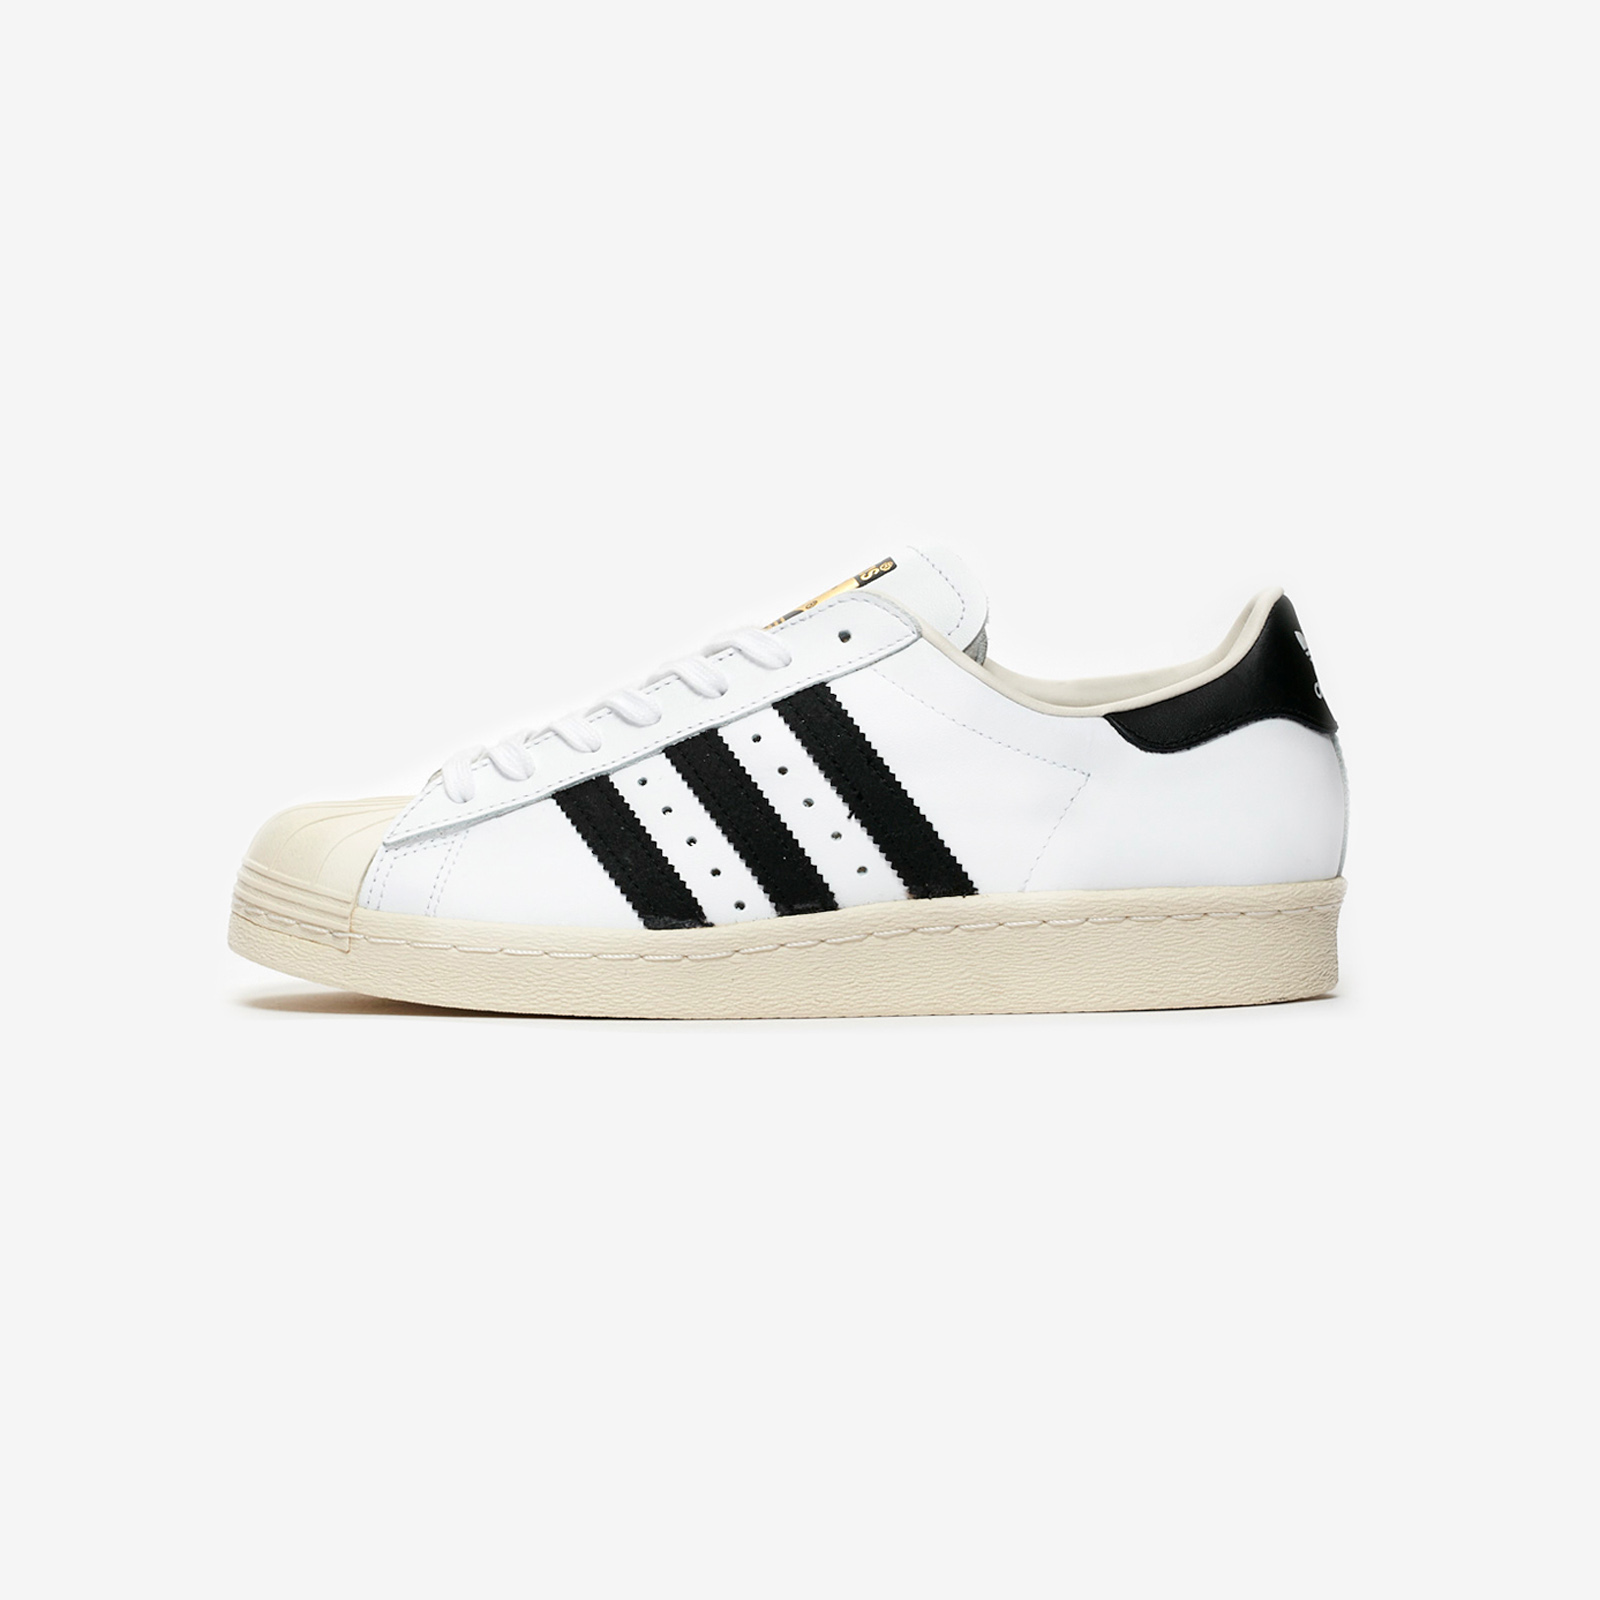 adidas Superstar 80s - G61070 - SNS   sneakers & streetwear online ...